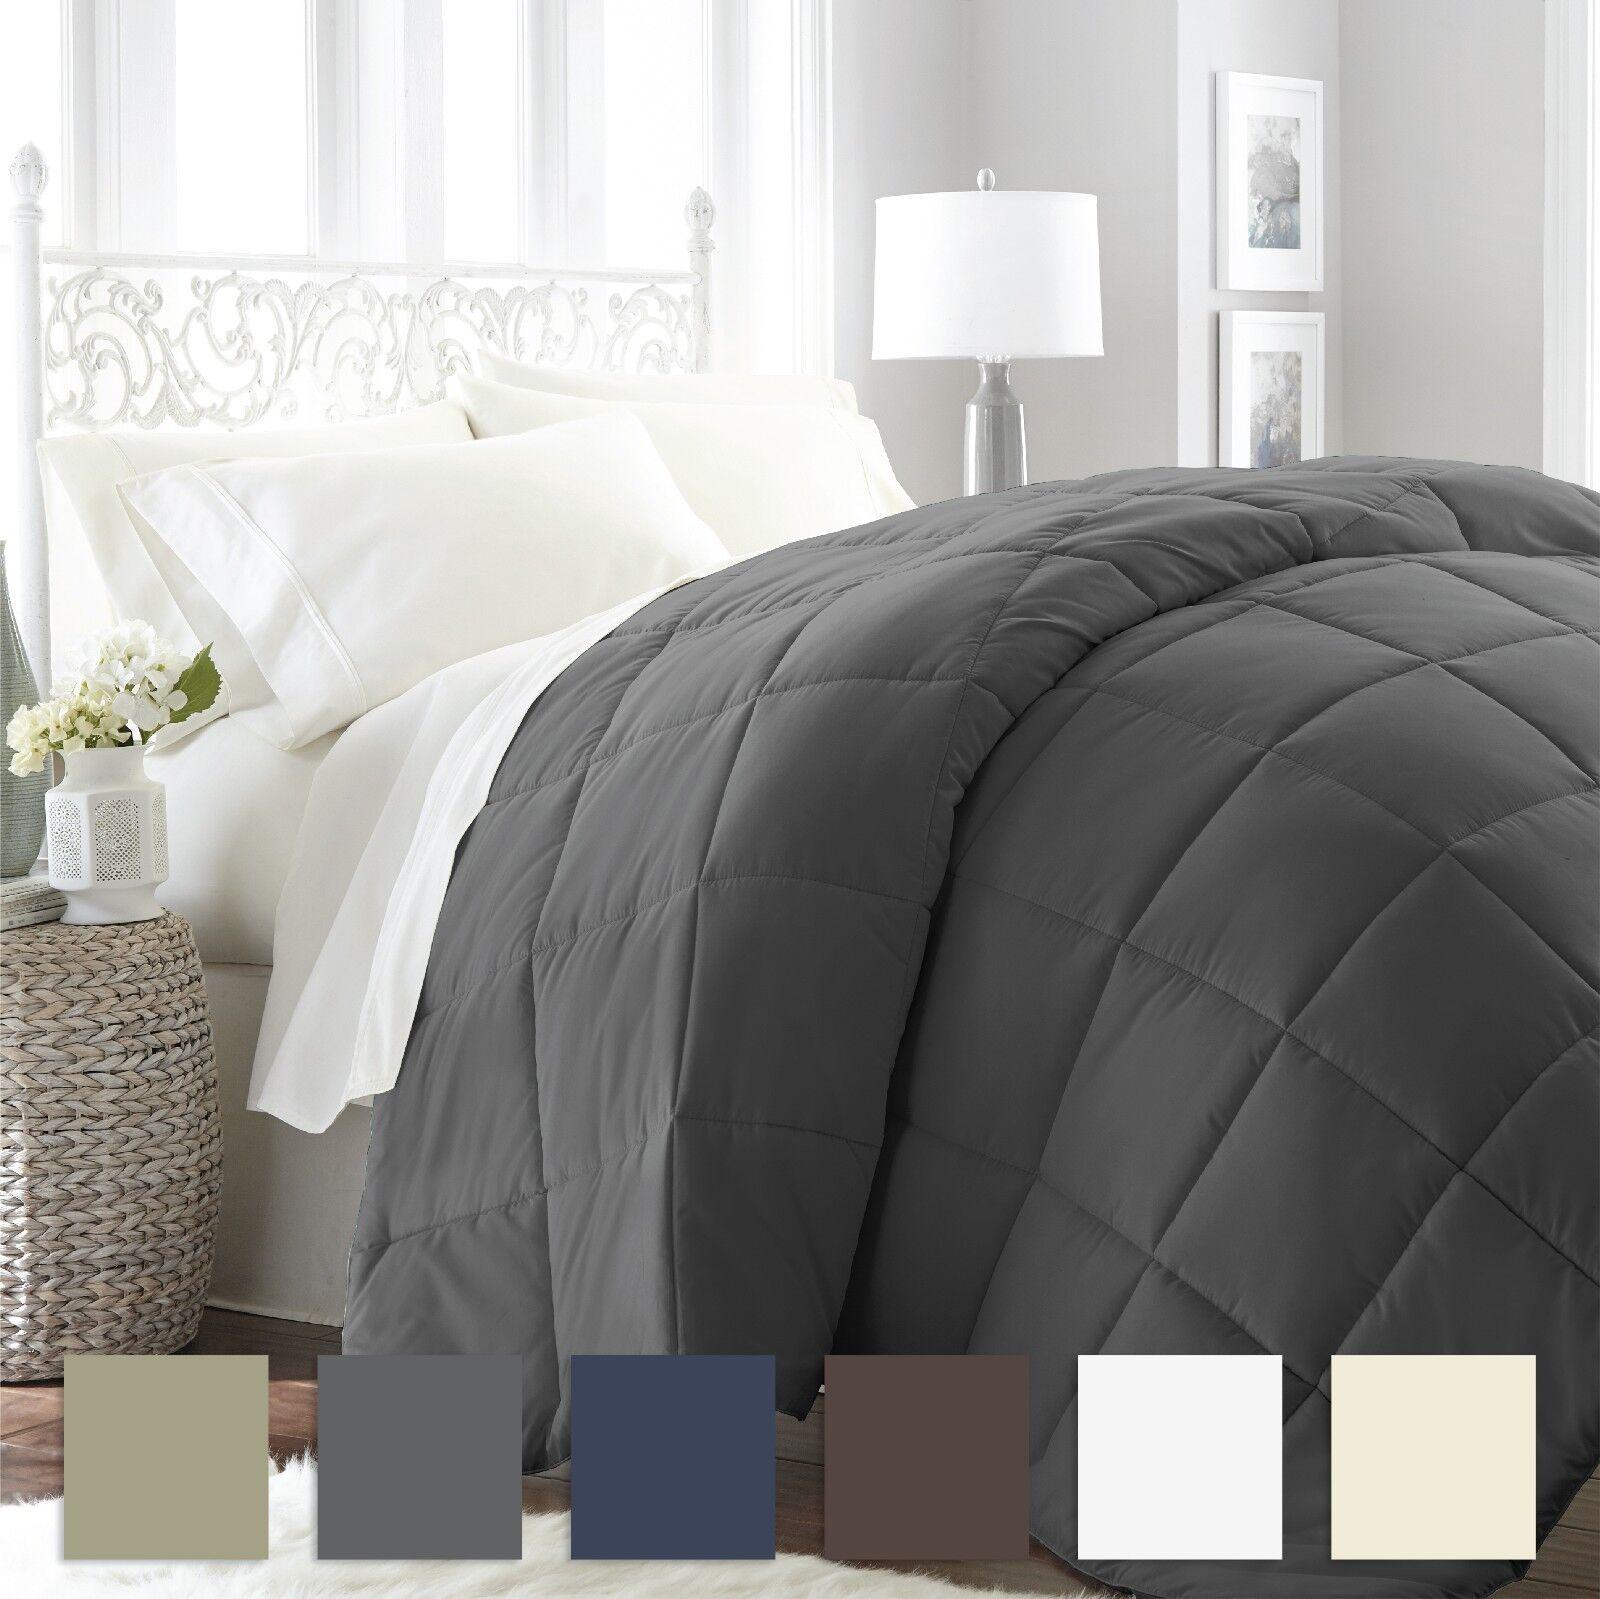 premium goose down alternative comforter 6 classic